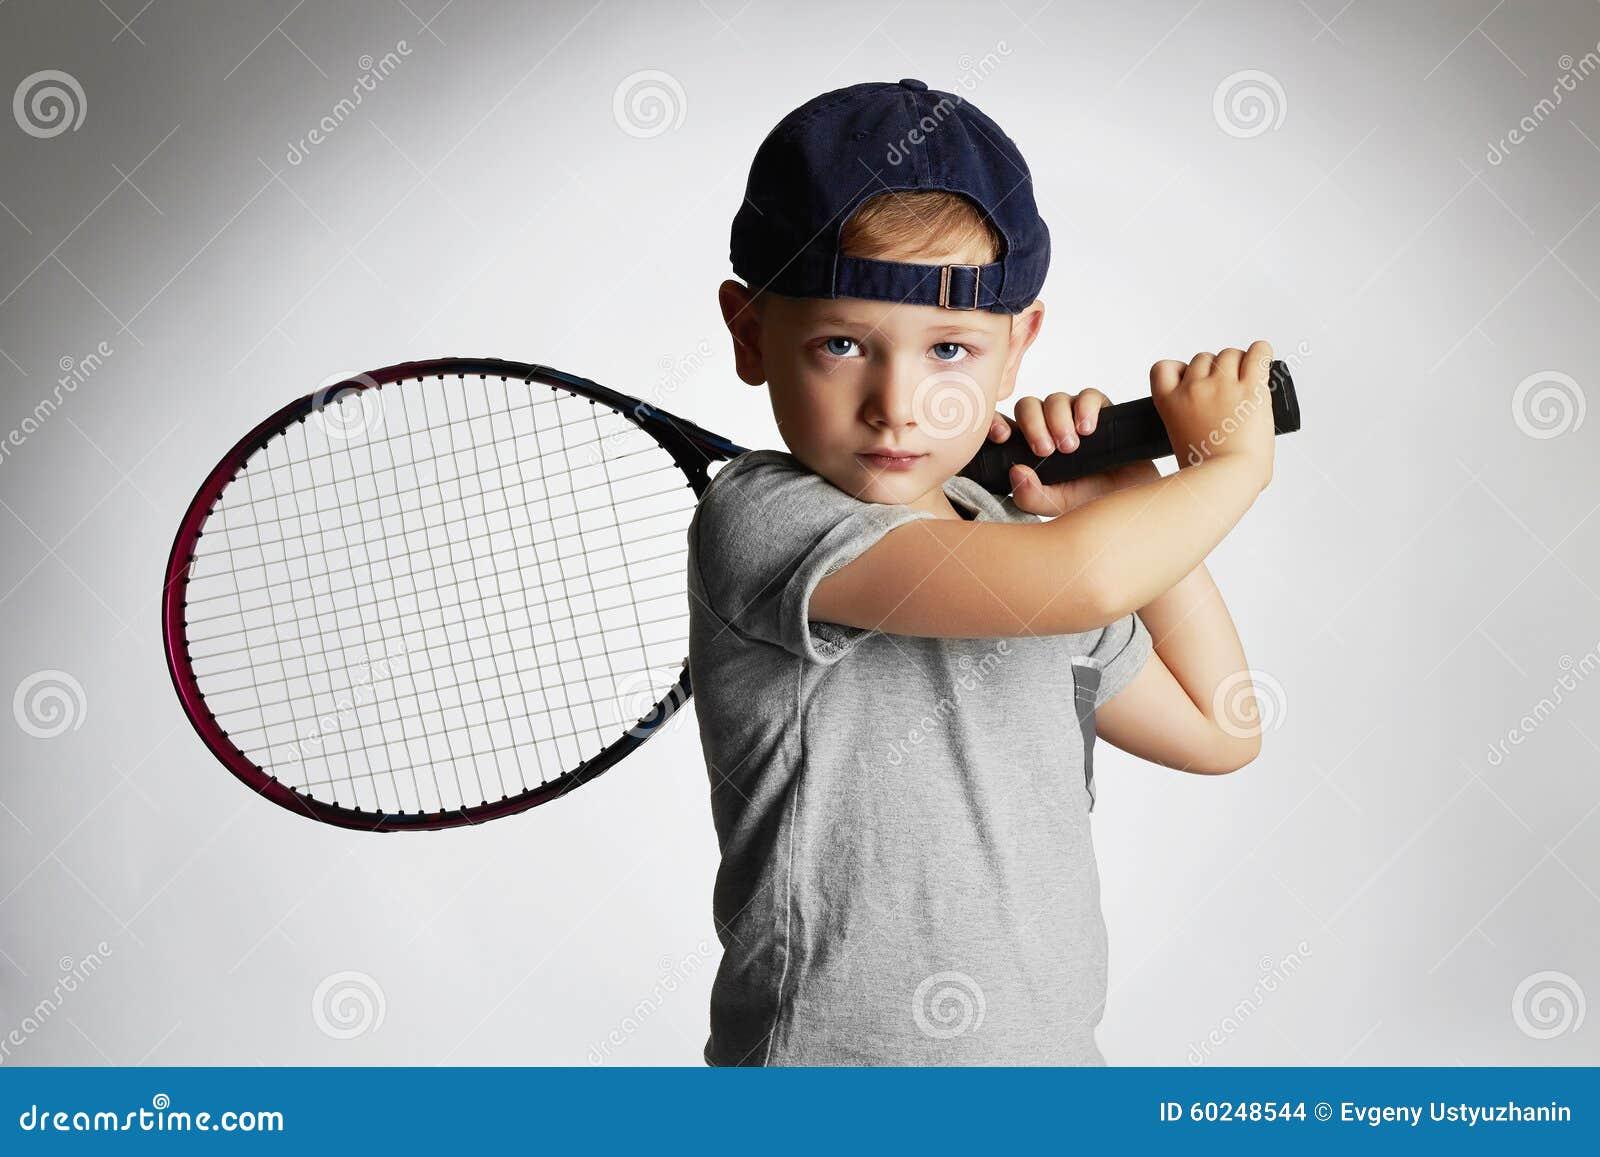 Kleiner Junge, der Tennis spielt Sportkinder Kind mit Tennis-Schläger